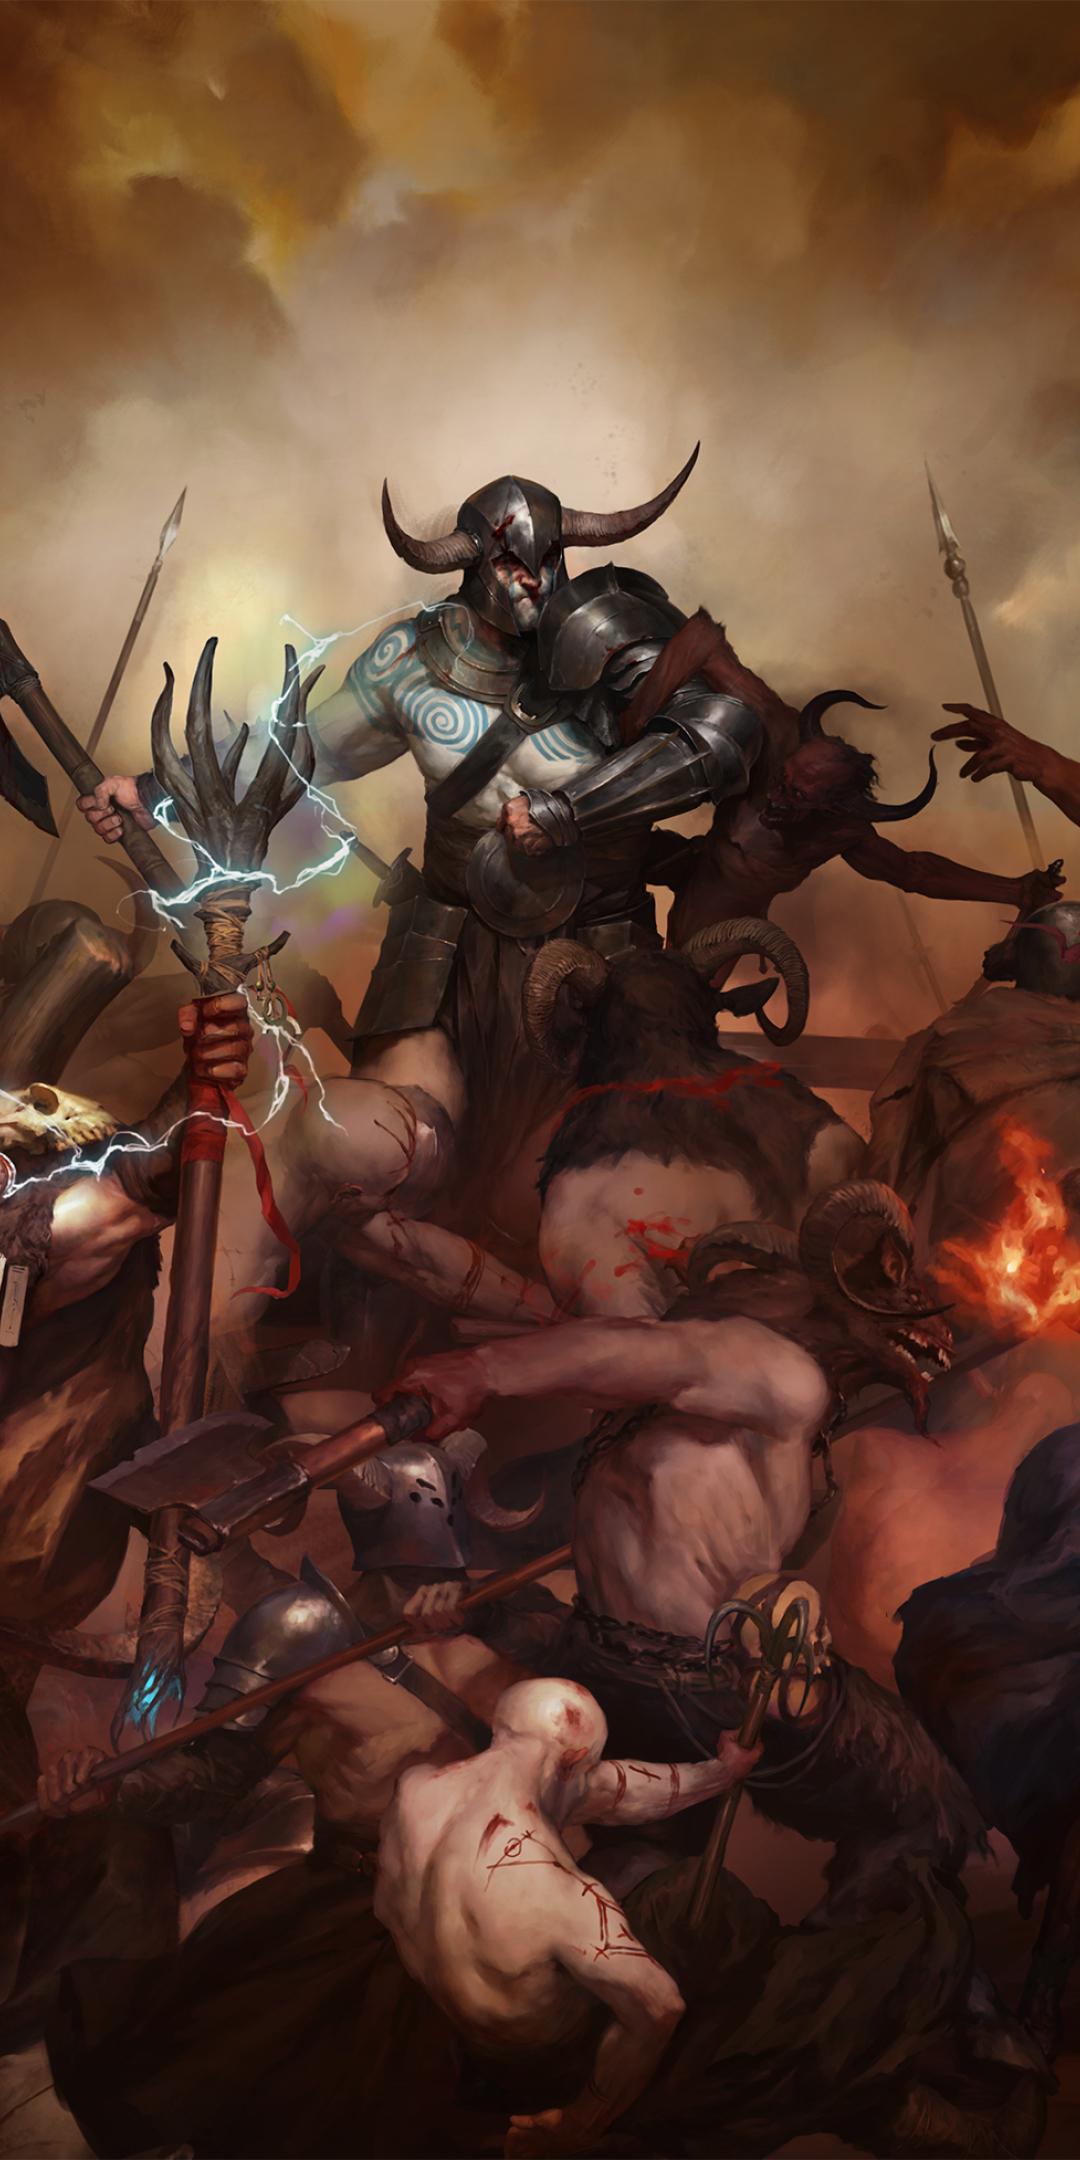 1080x2160 Diablo 4 One Plus 5T,Honor 7x,Honor view 10,Lg ...